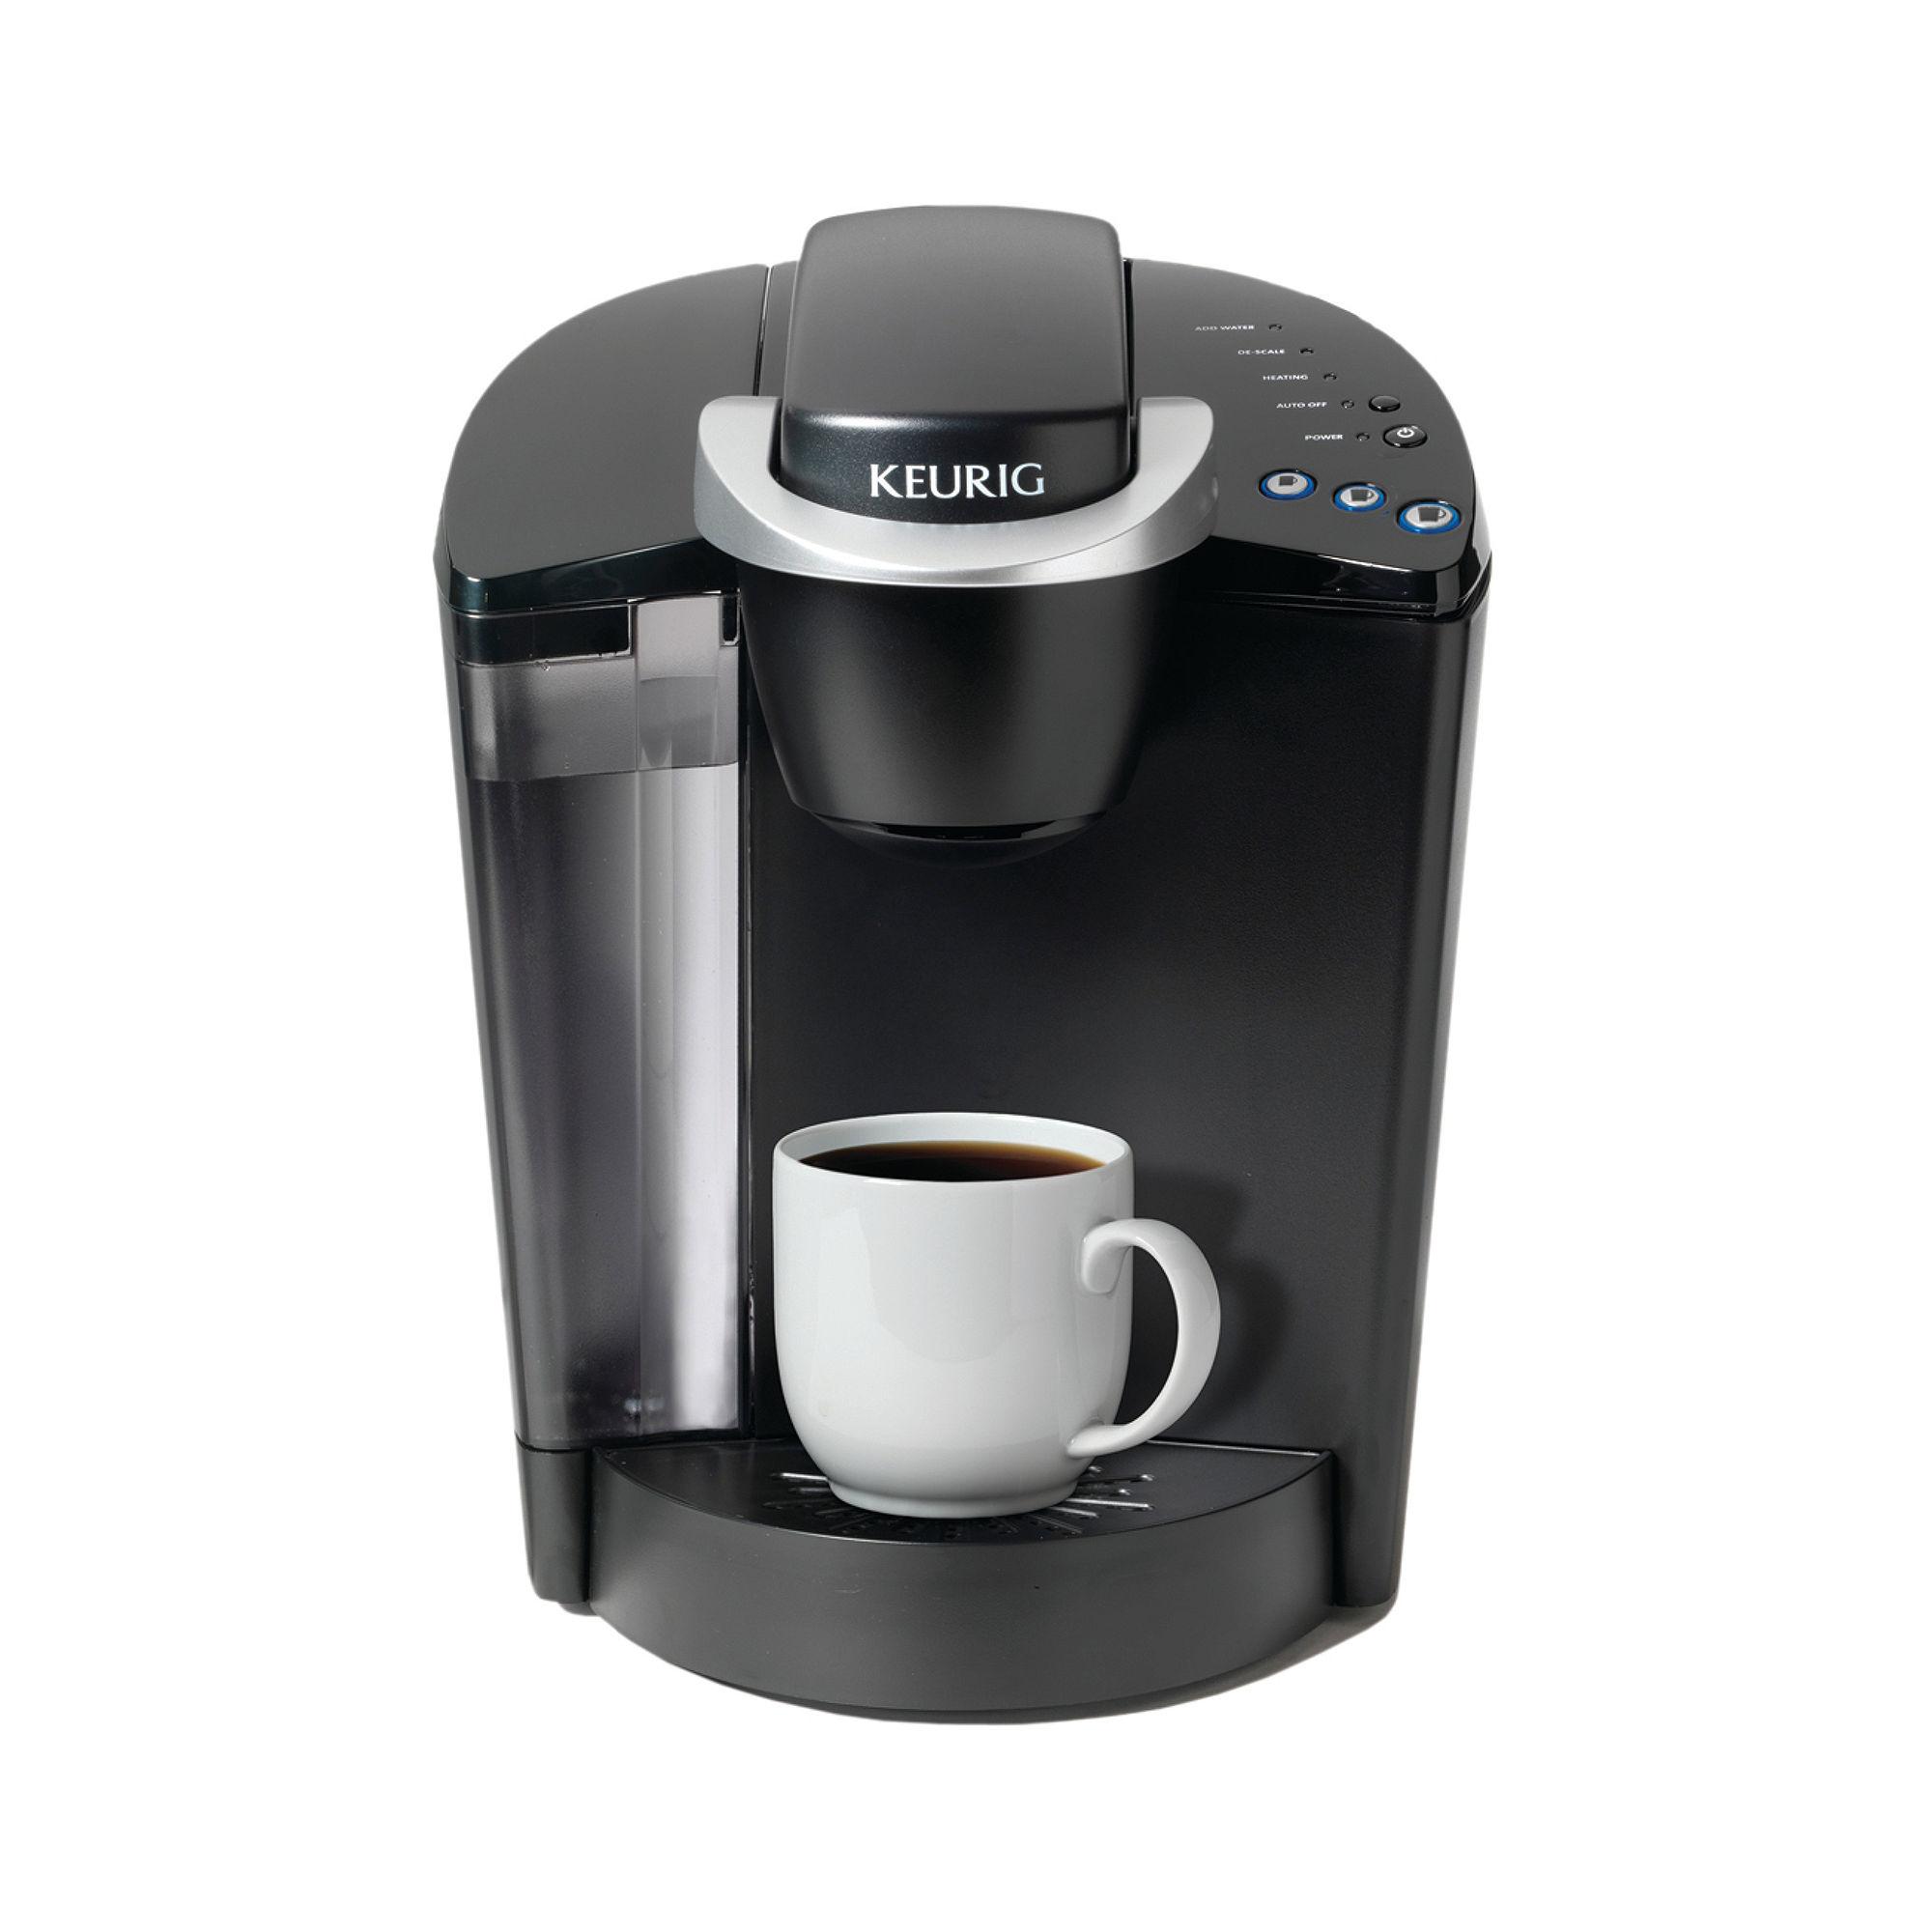 Keurig K55 Single-Serve Coffee Maker